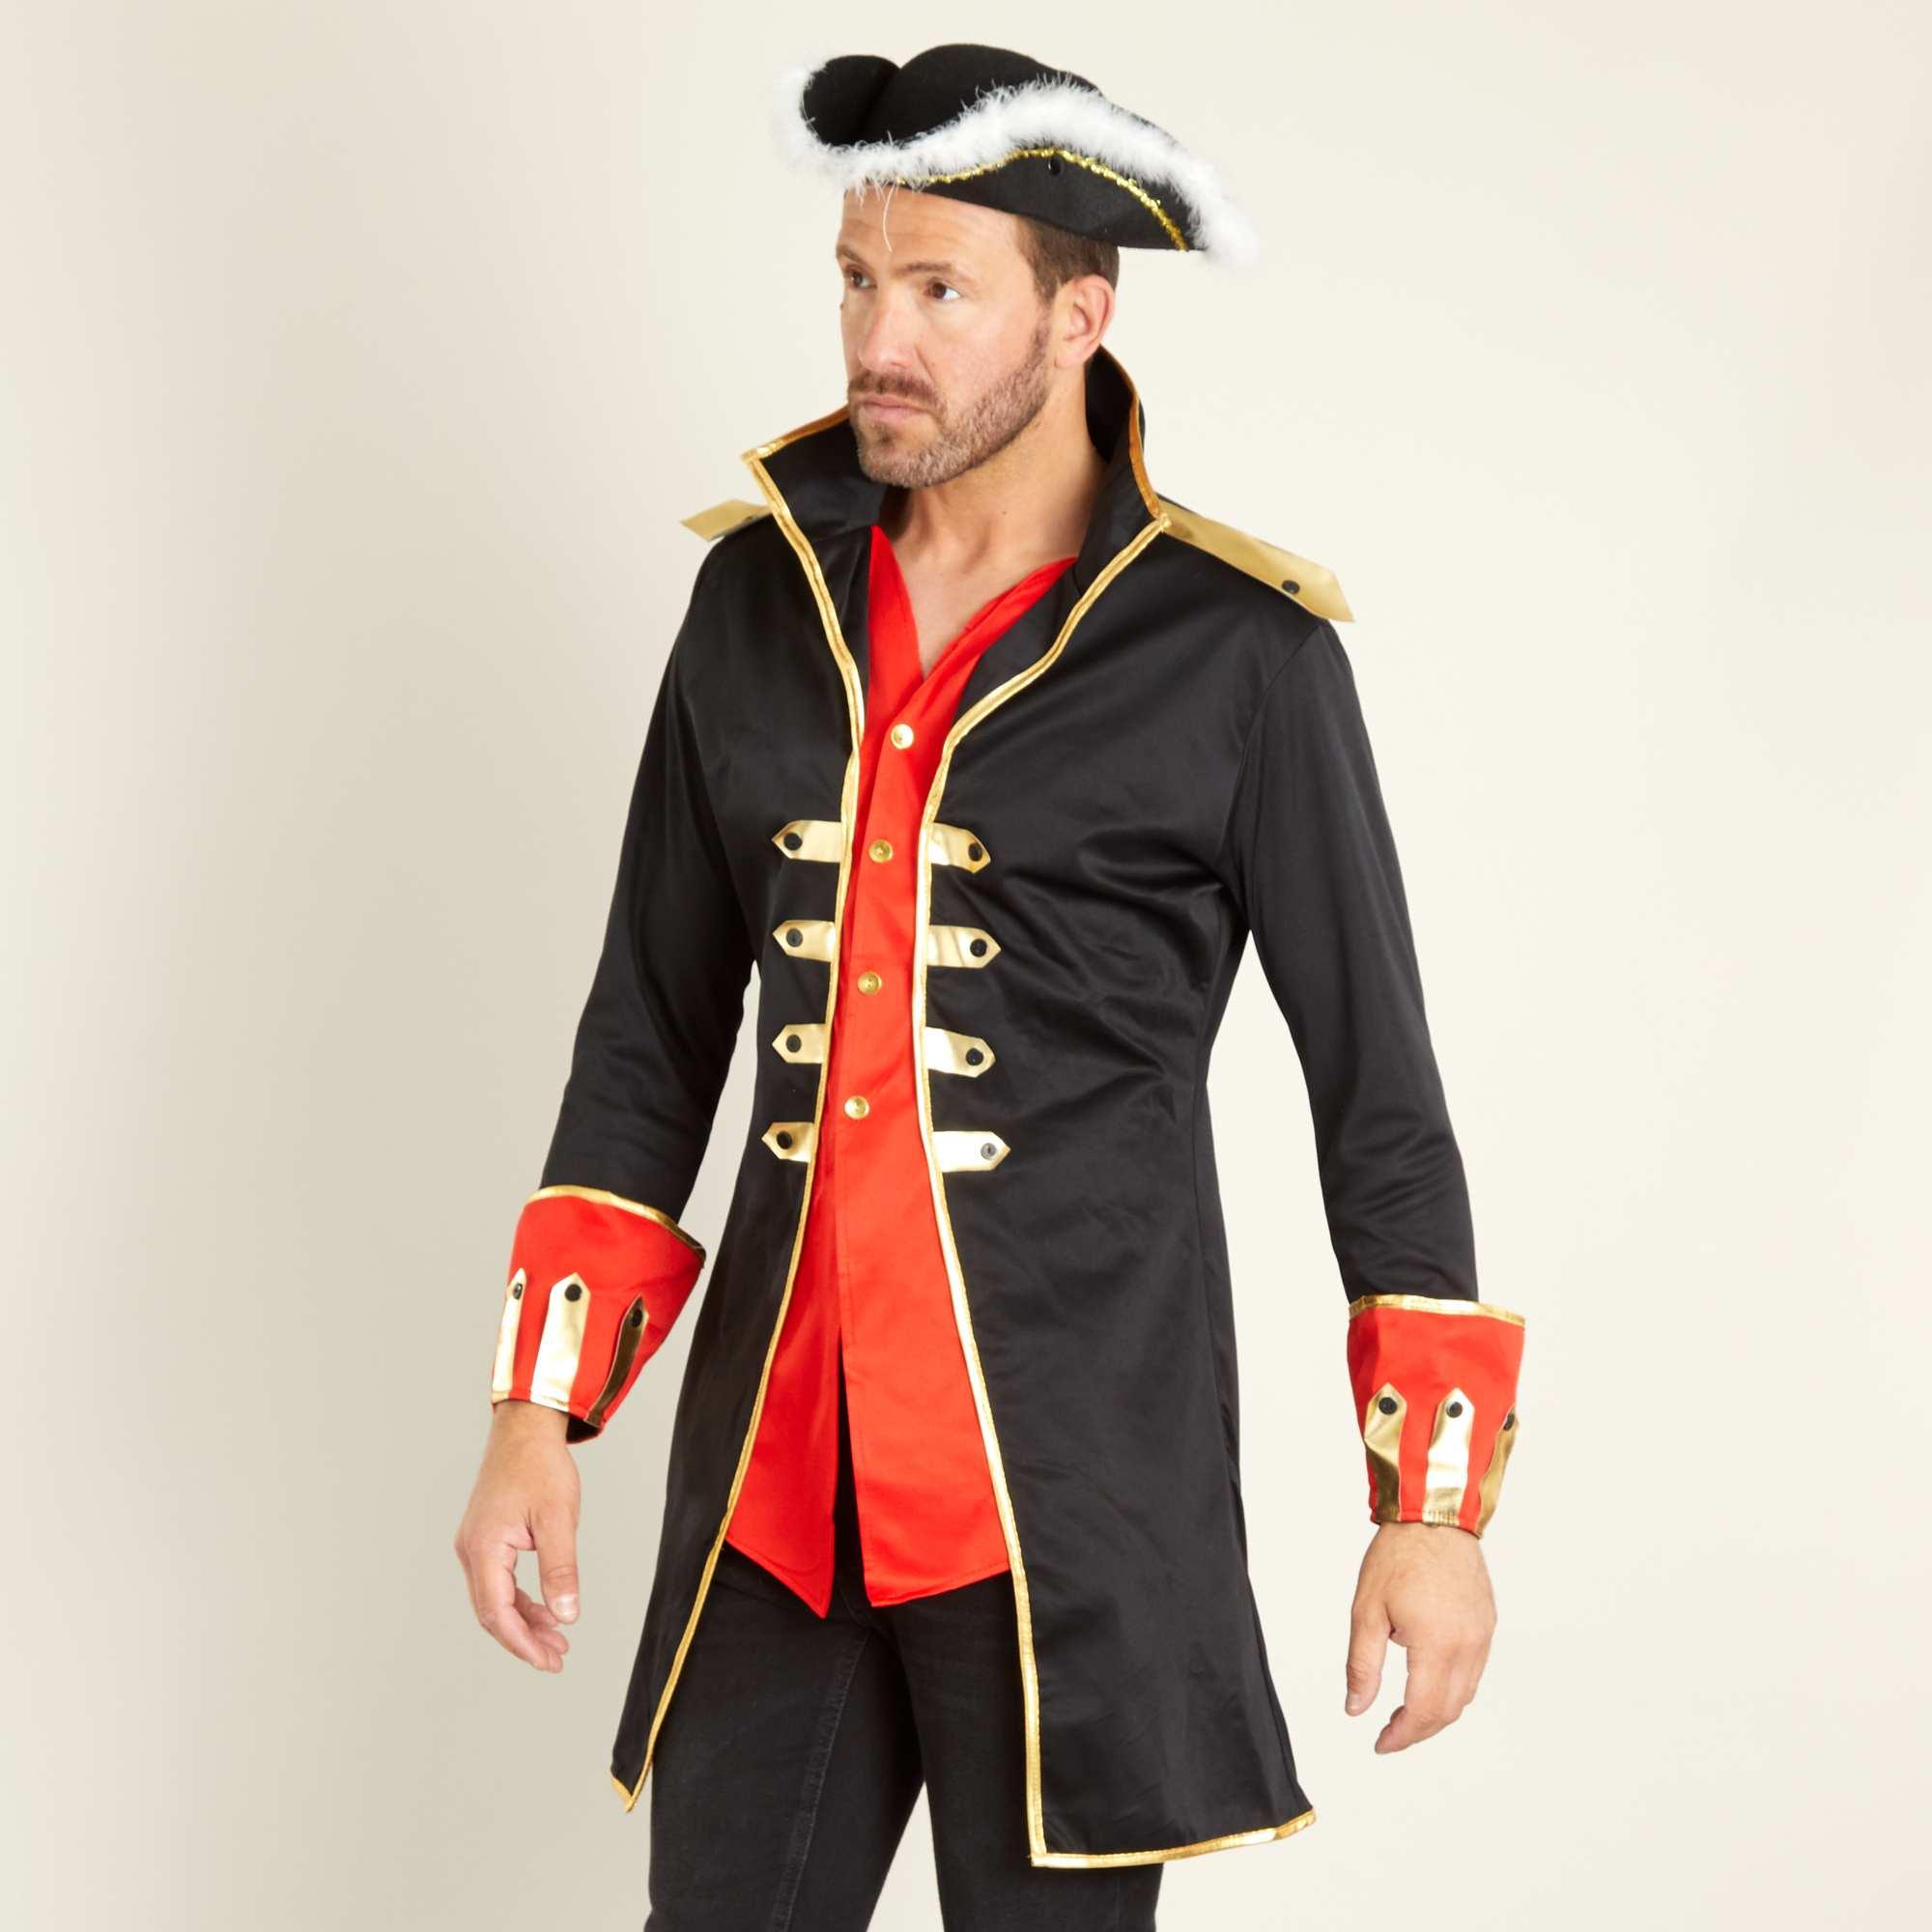 Couleur : noir, , ,, - Taille : M/L, XL, ,,Idéale pour aller combattre les pirates ! - Déguisement de capitaine de navire -